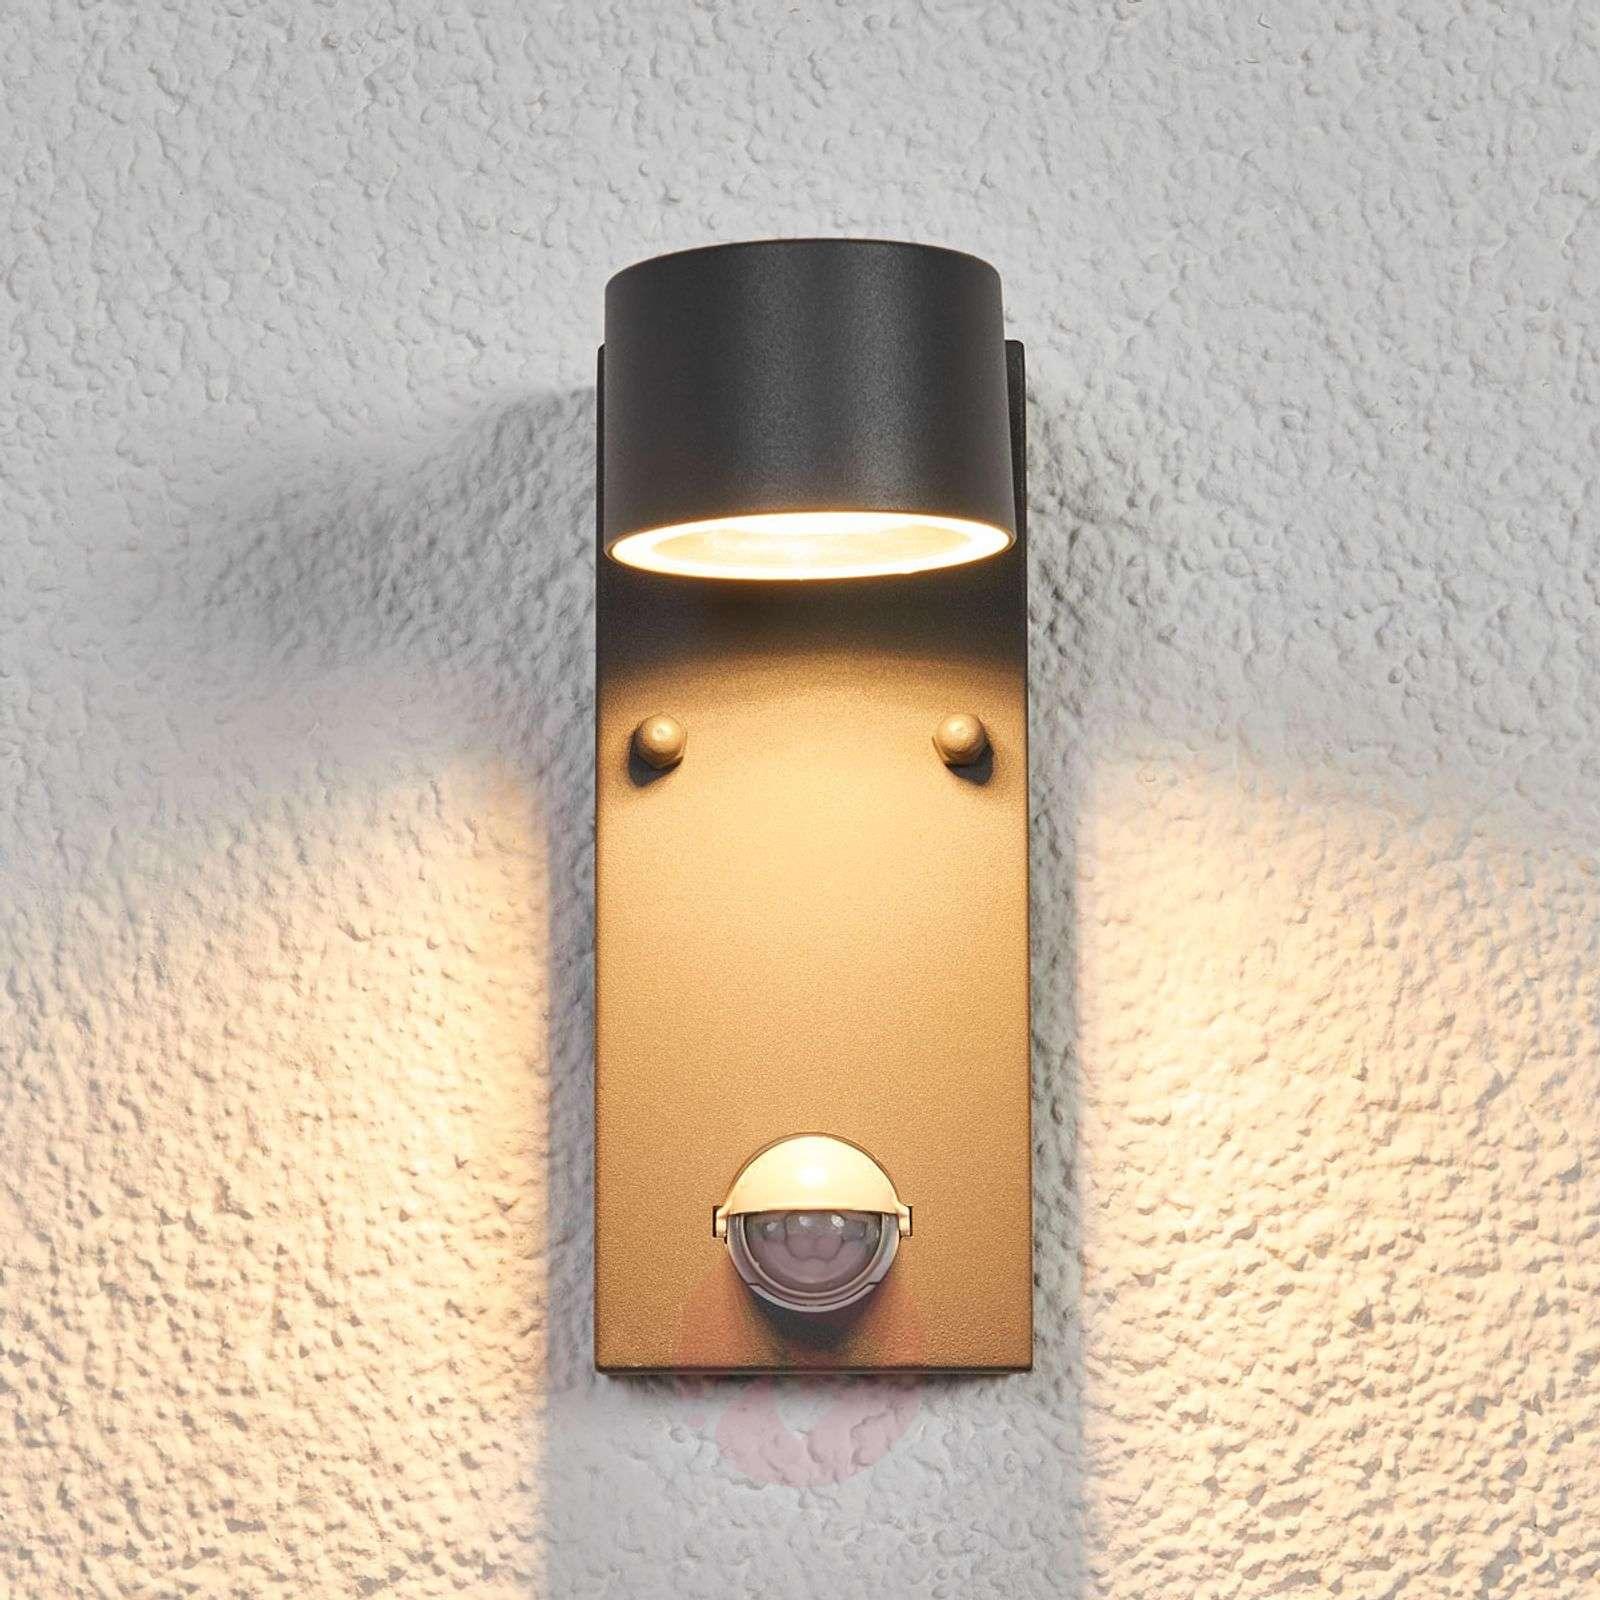 LED-ulkoseinävalaisin Lexi tunnistimella-9977002-01